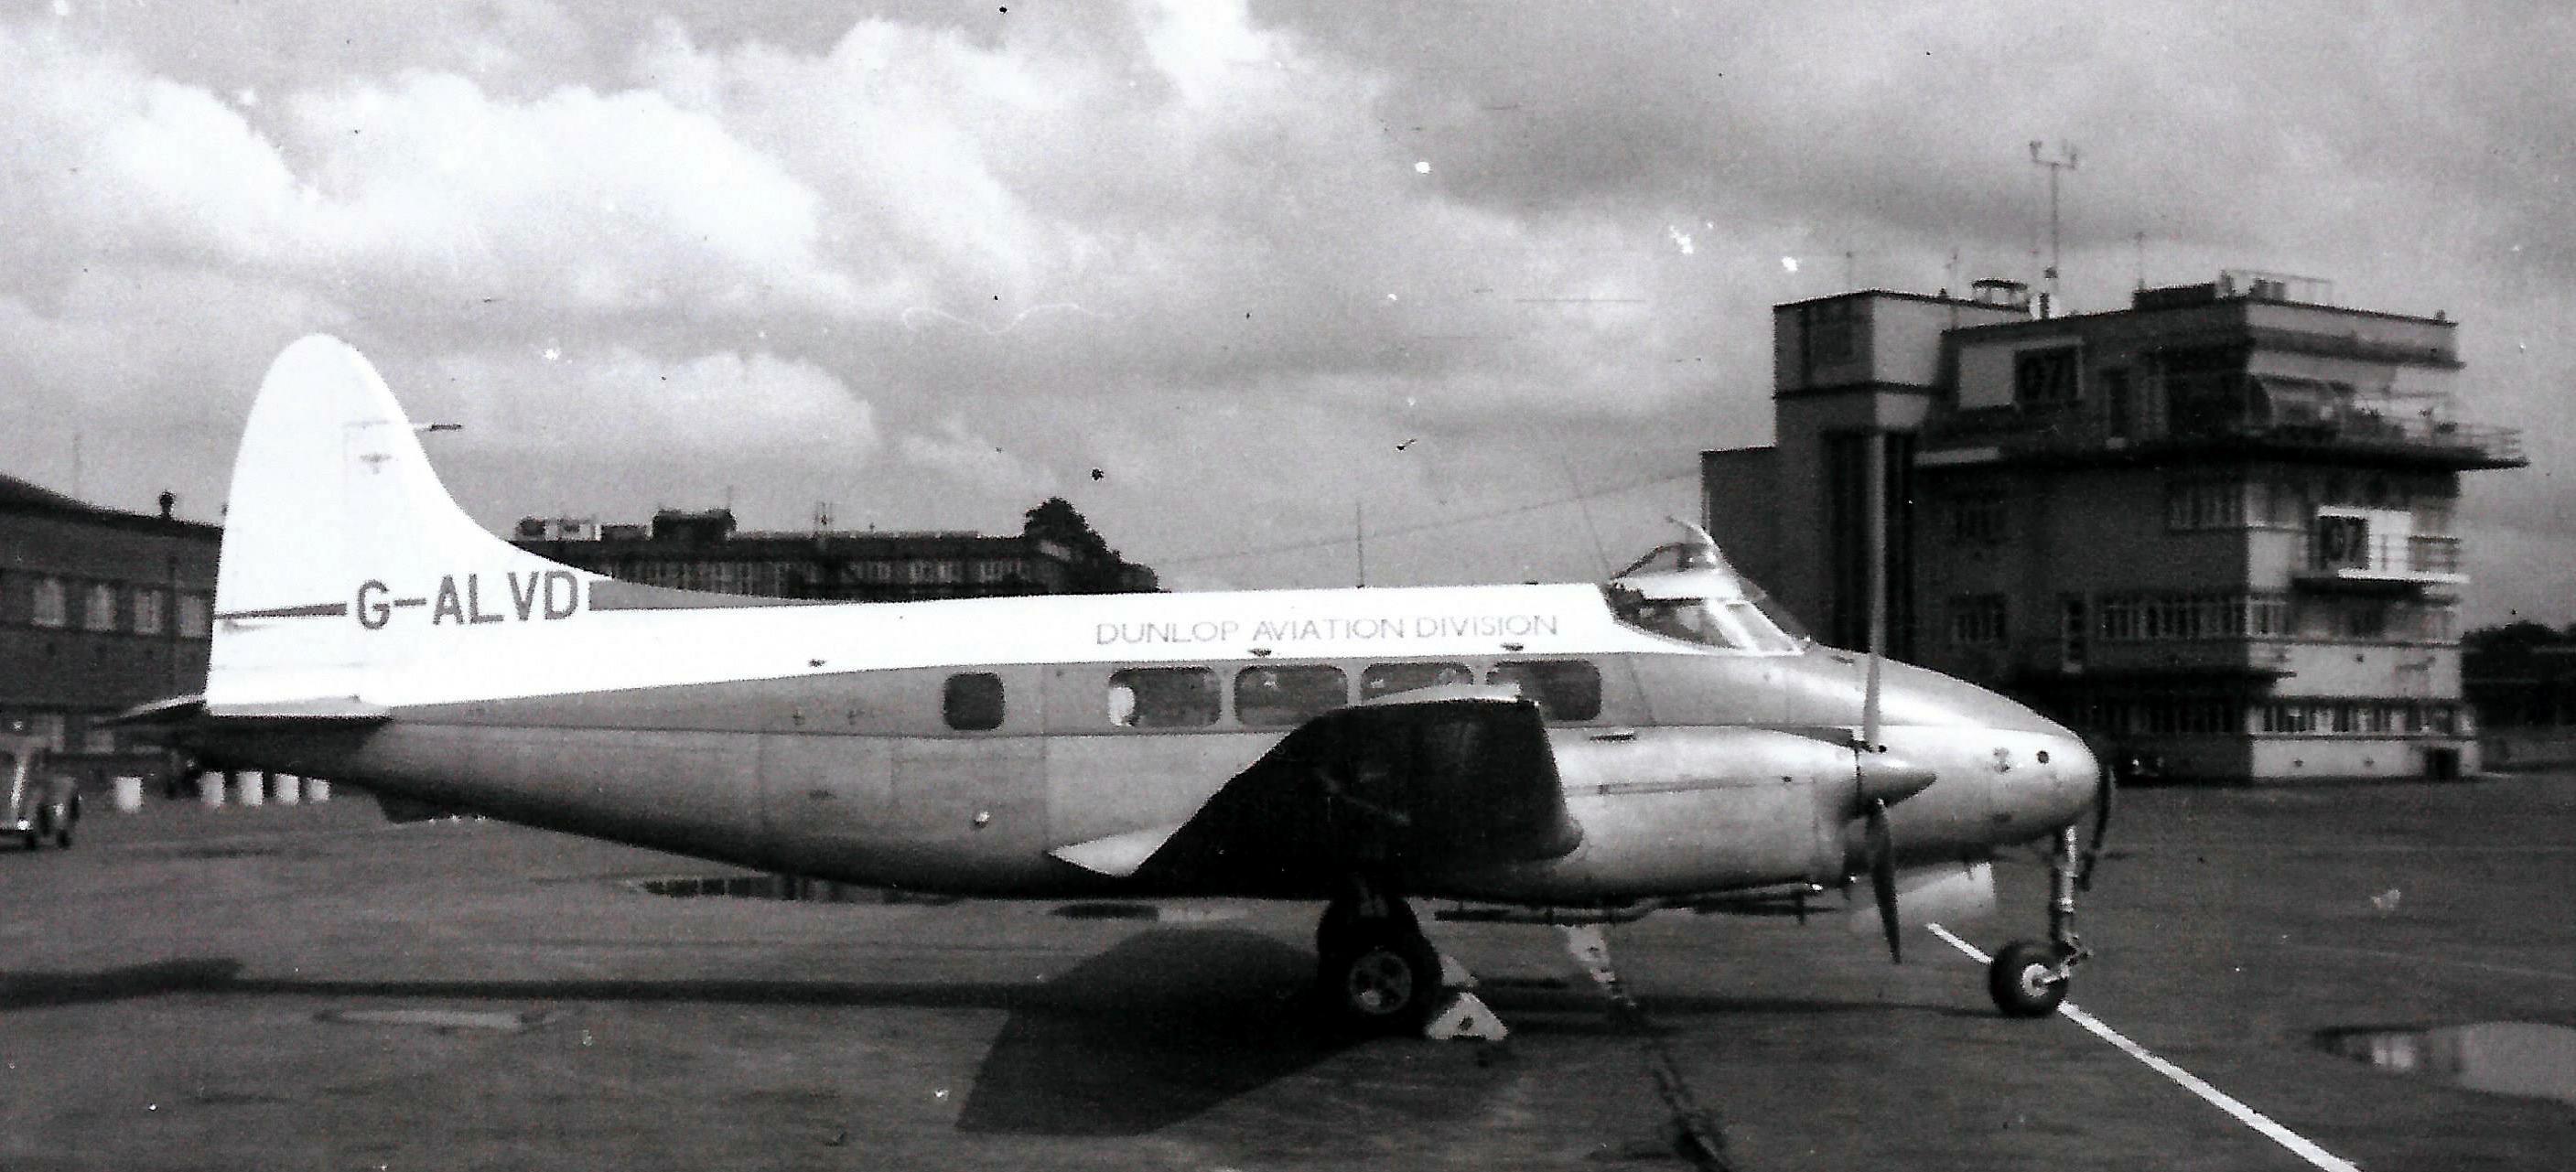 EGLF c1950